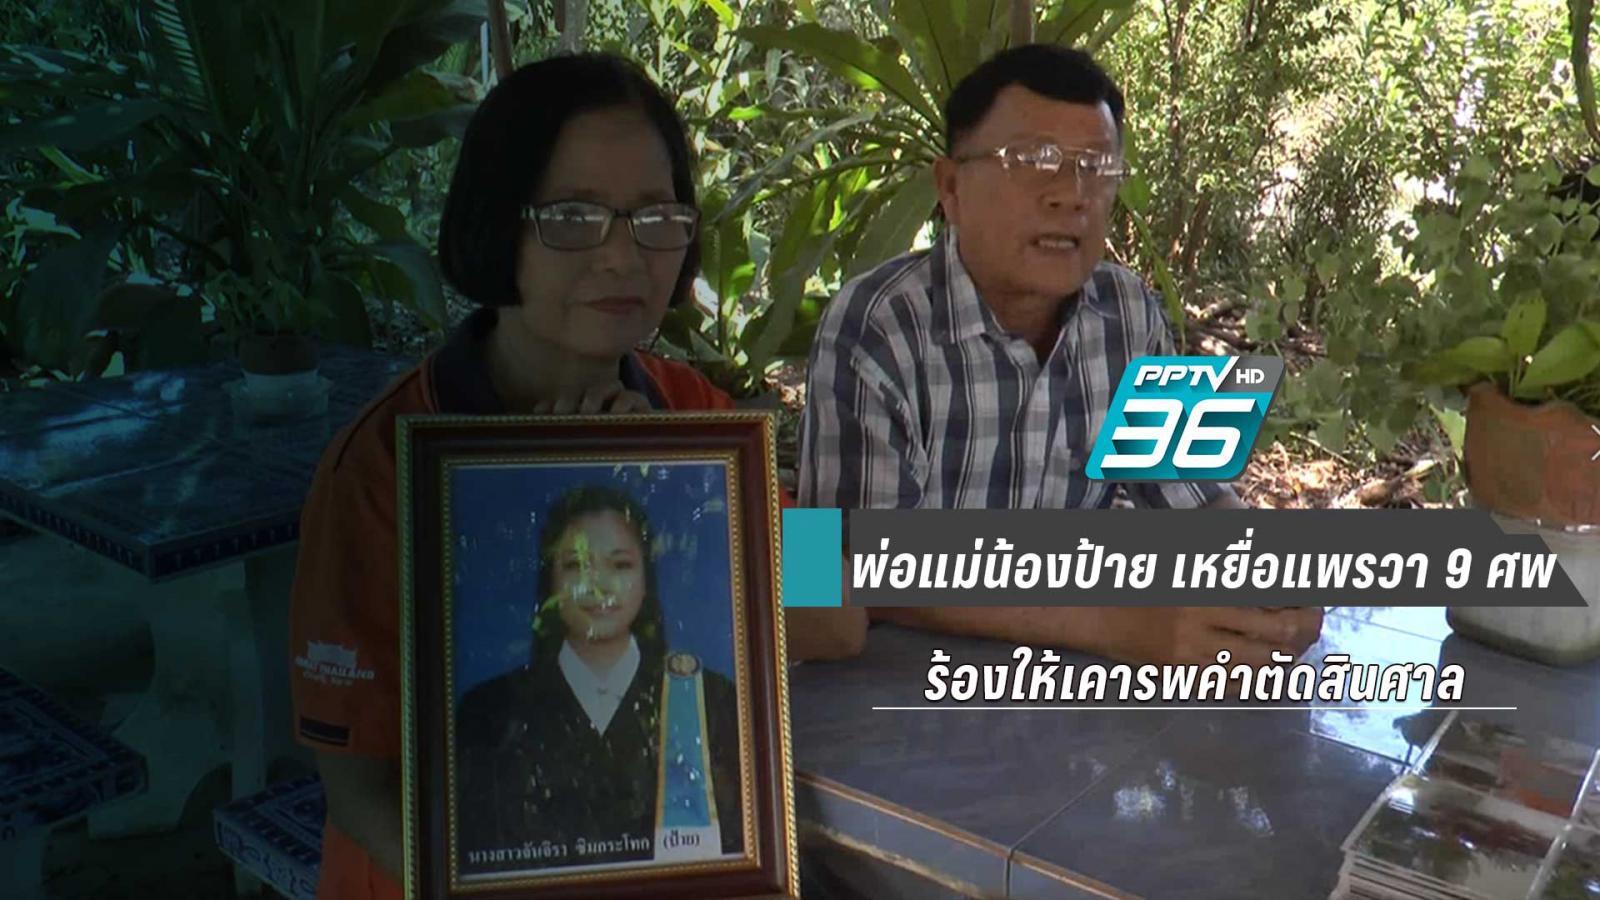 พ่อแม่น้องป้าย เหยื่อแพรวา 9 ศพ ร้องให้เคารพคำตัดสินศาล